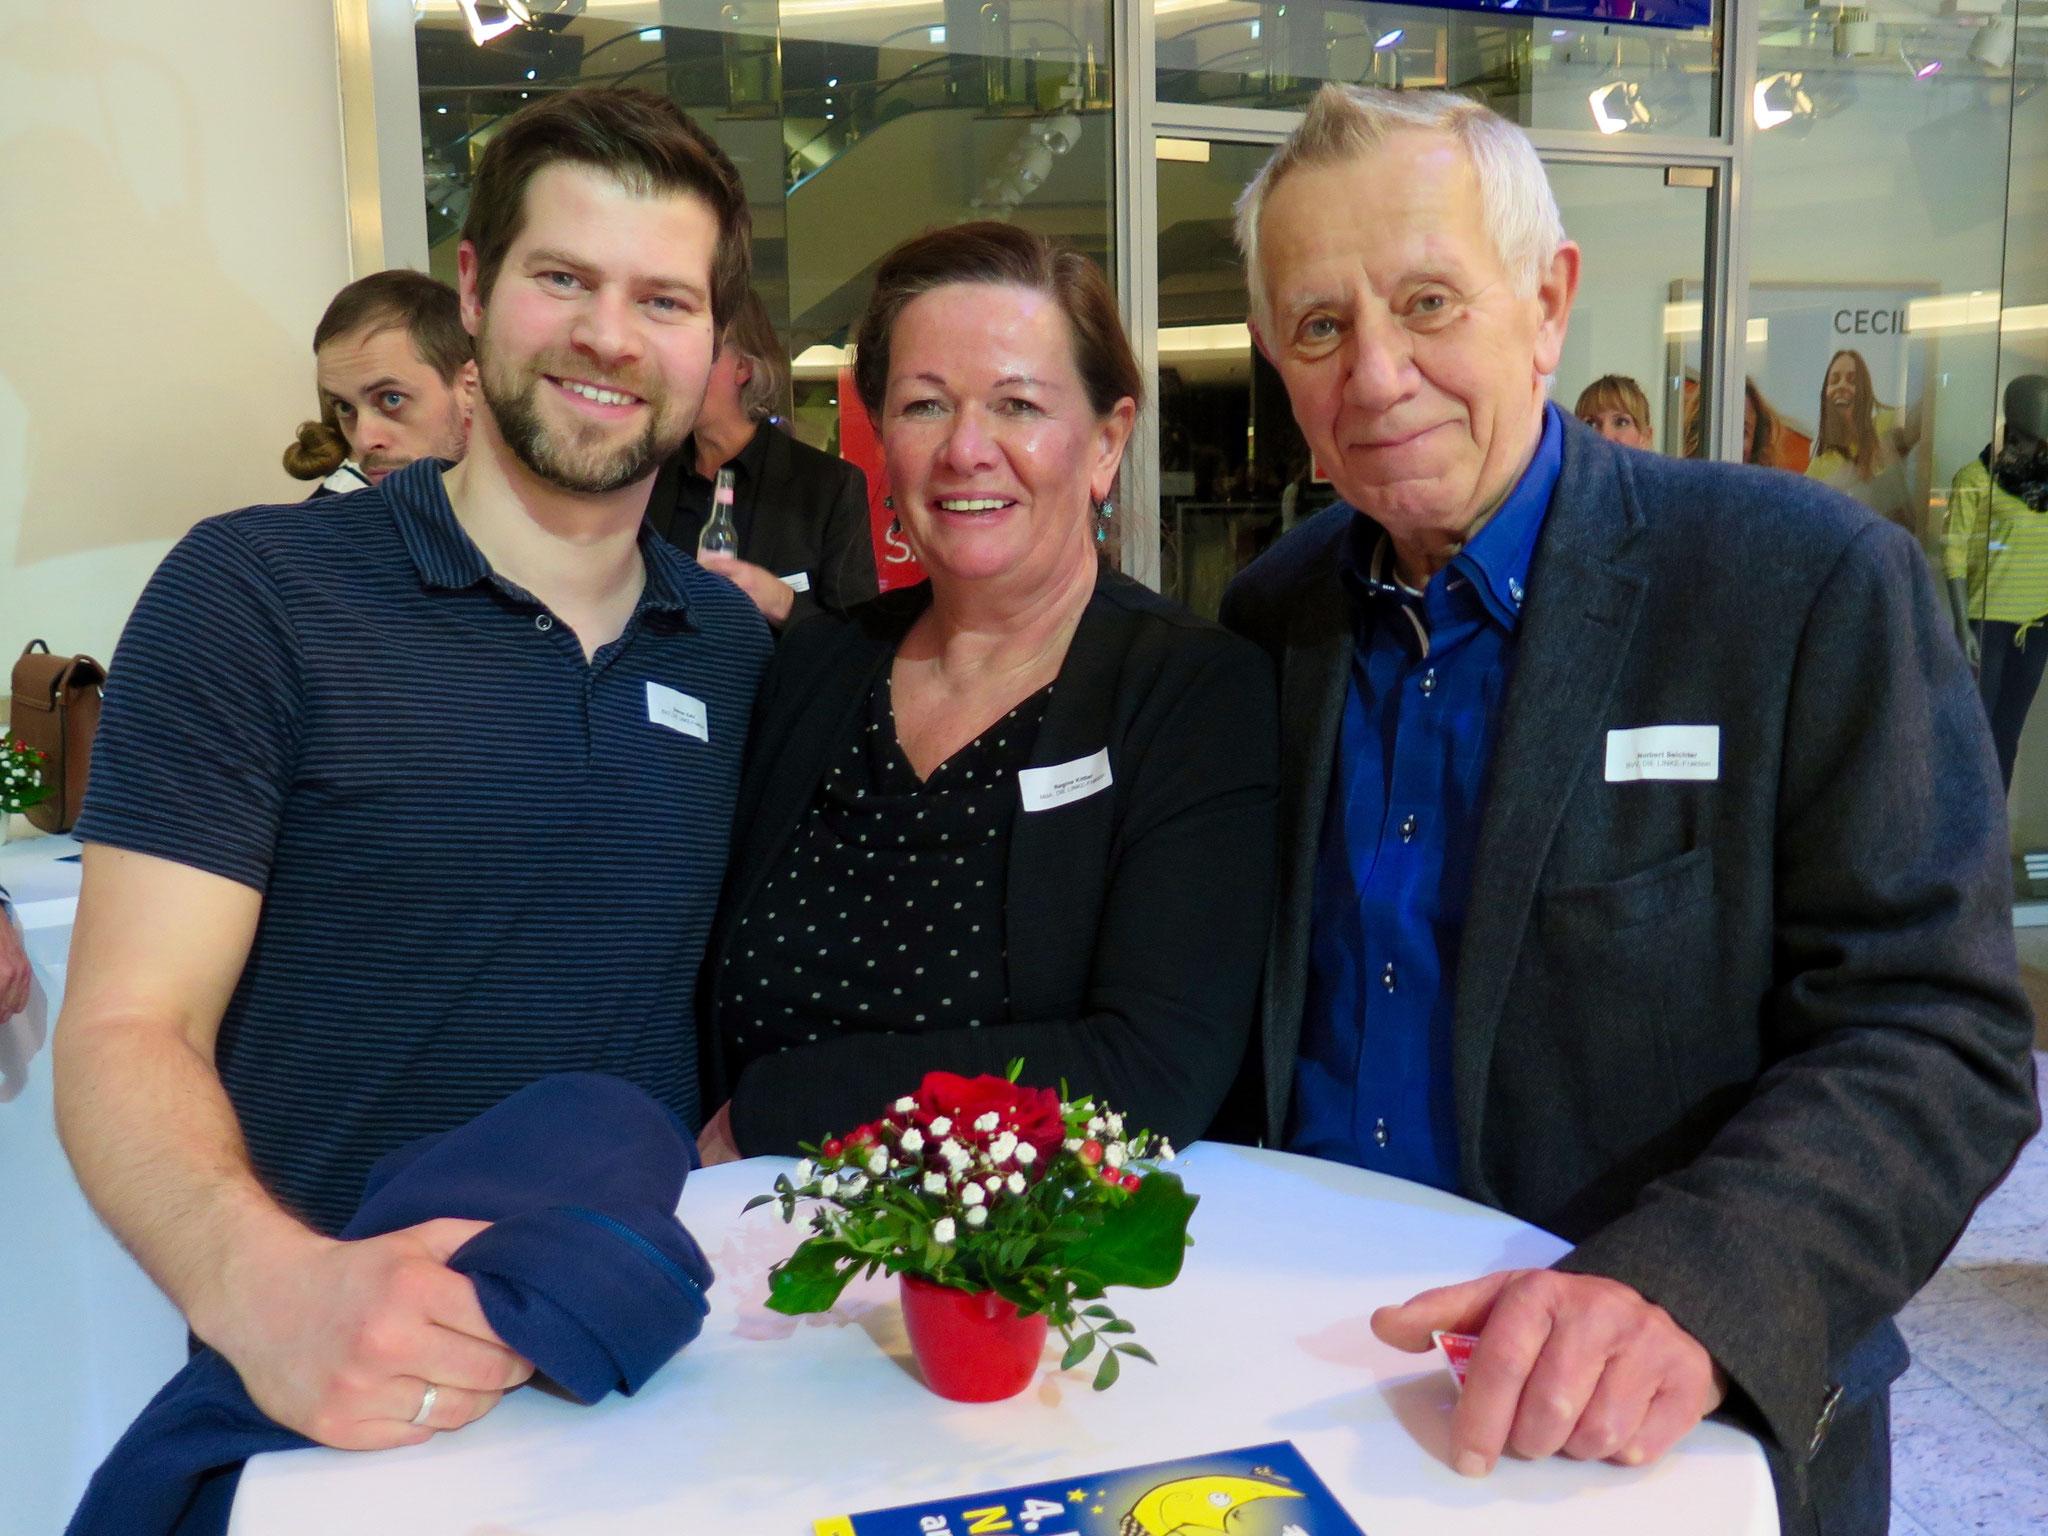 Steven Kelz, Regina Kittler und Norbert Seichter (Die Linke)